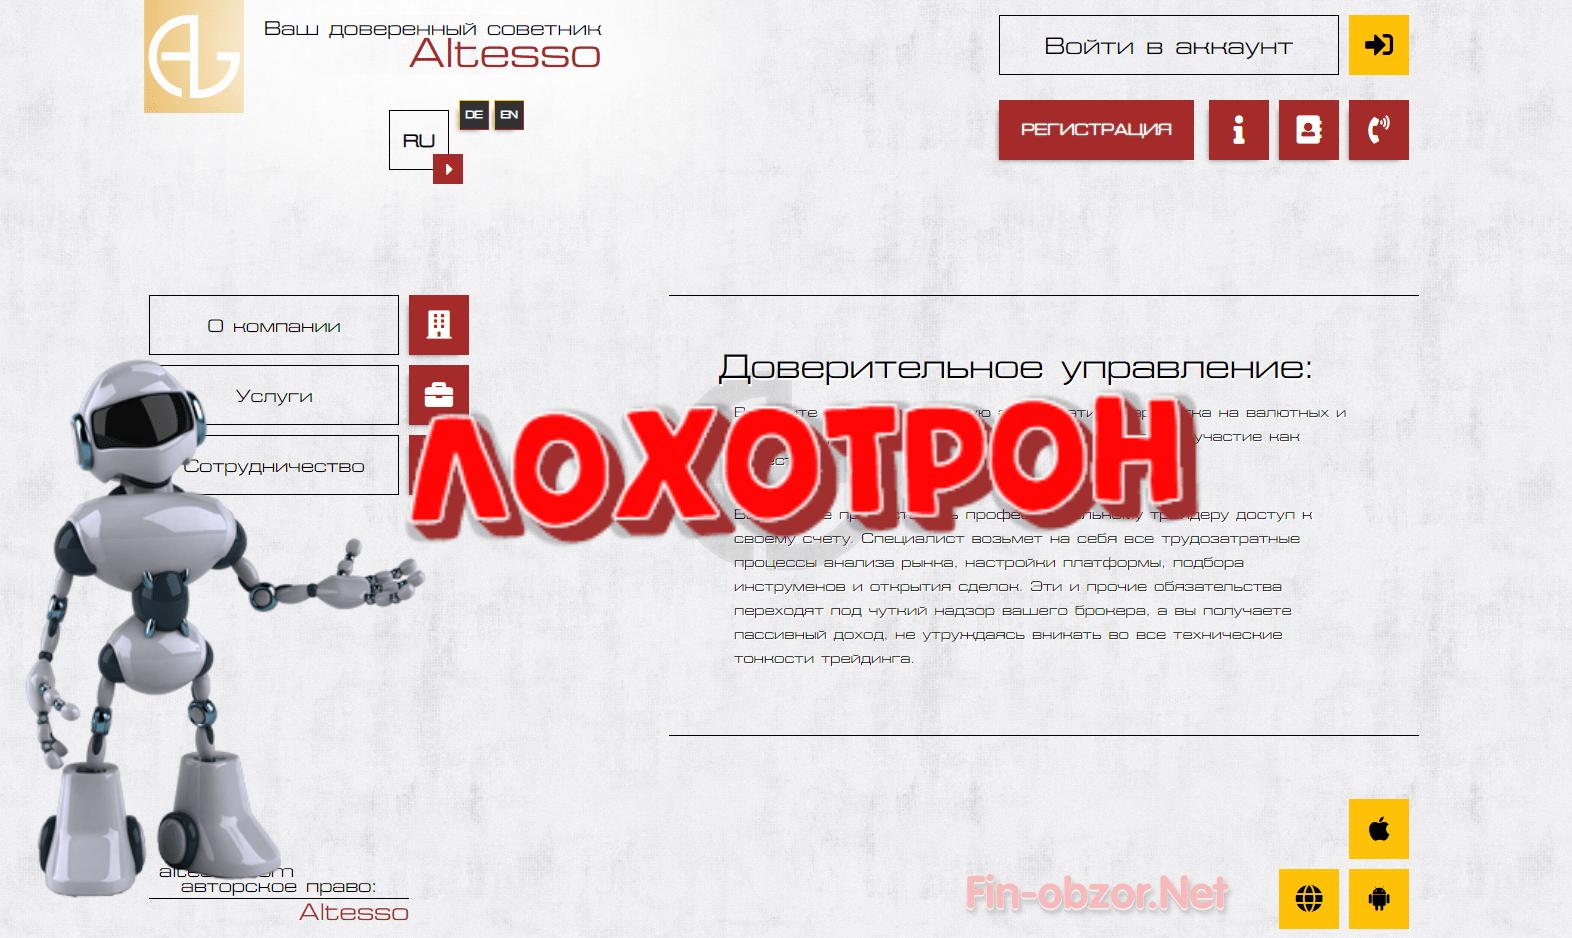 Брокер altesso.com - отзывы. Altesso мошенники